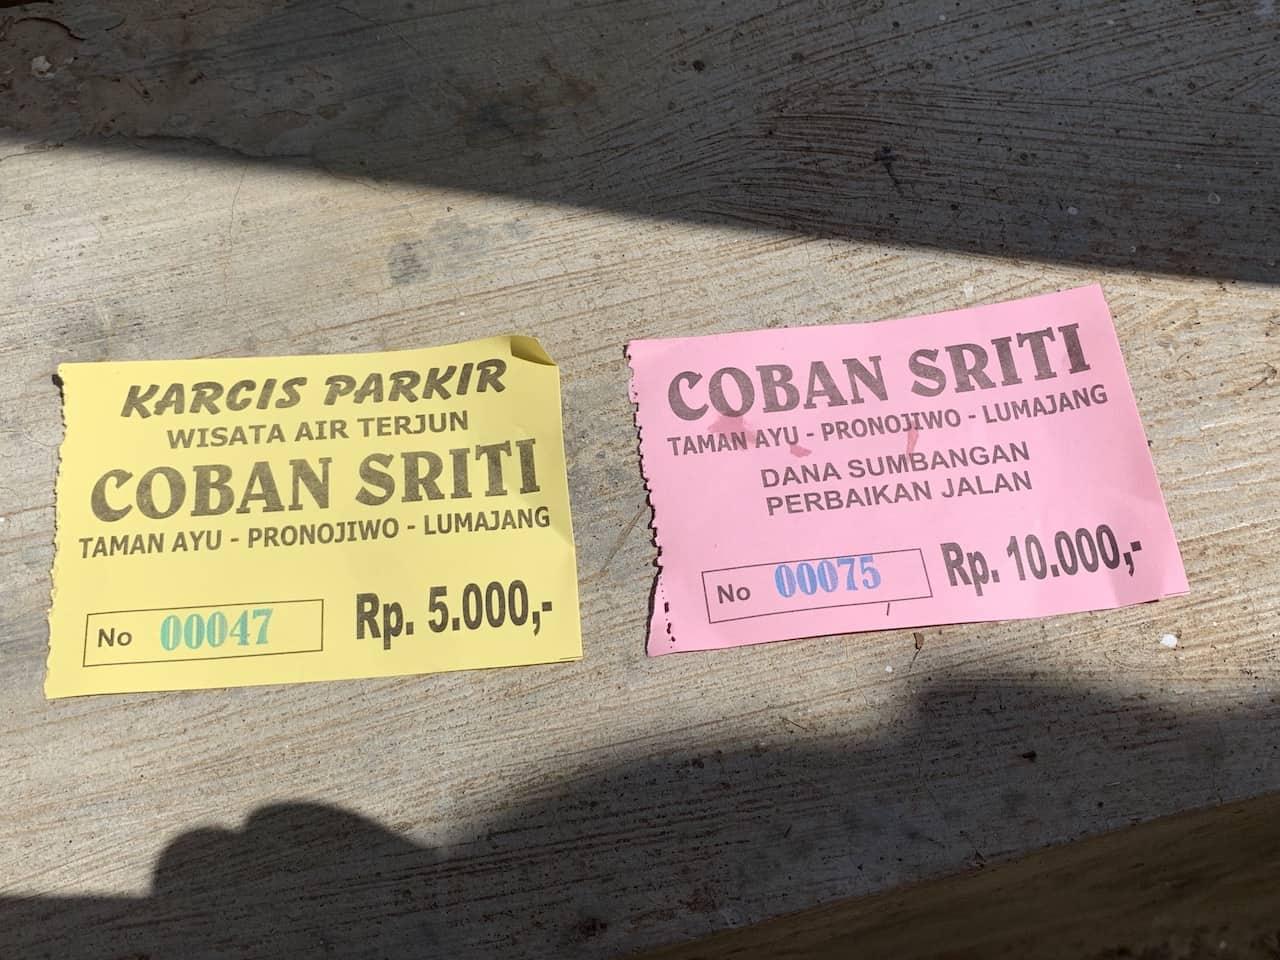 Coban Sriti Tickets